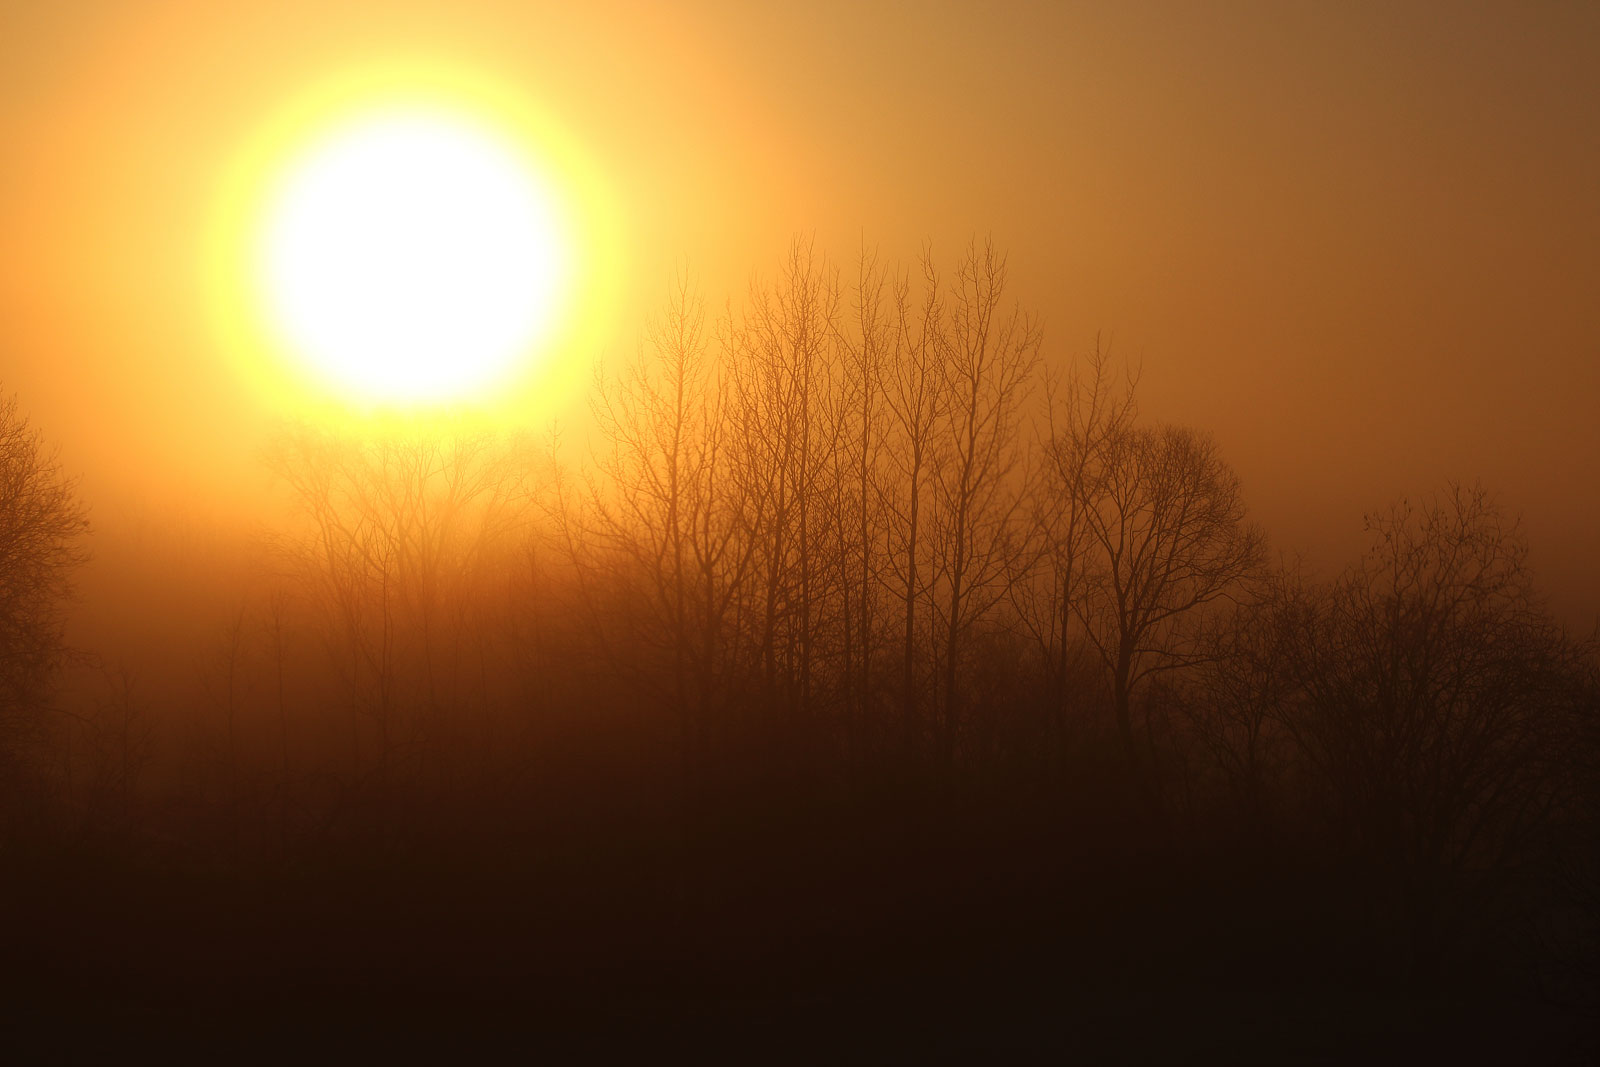 Светило.Деревья тянутся к солнцу